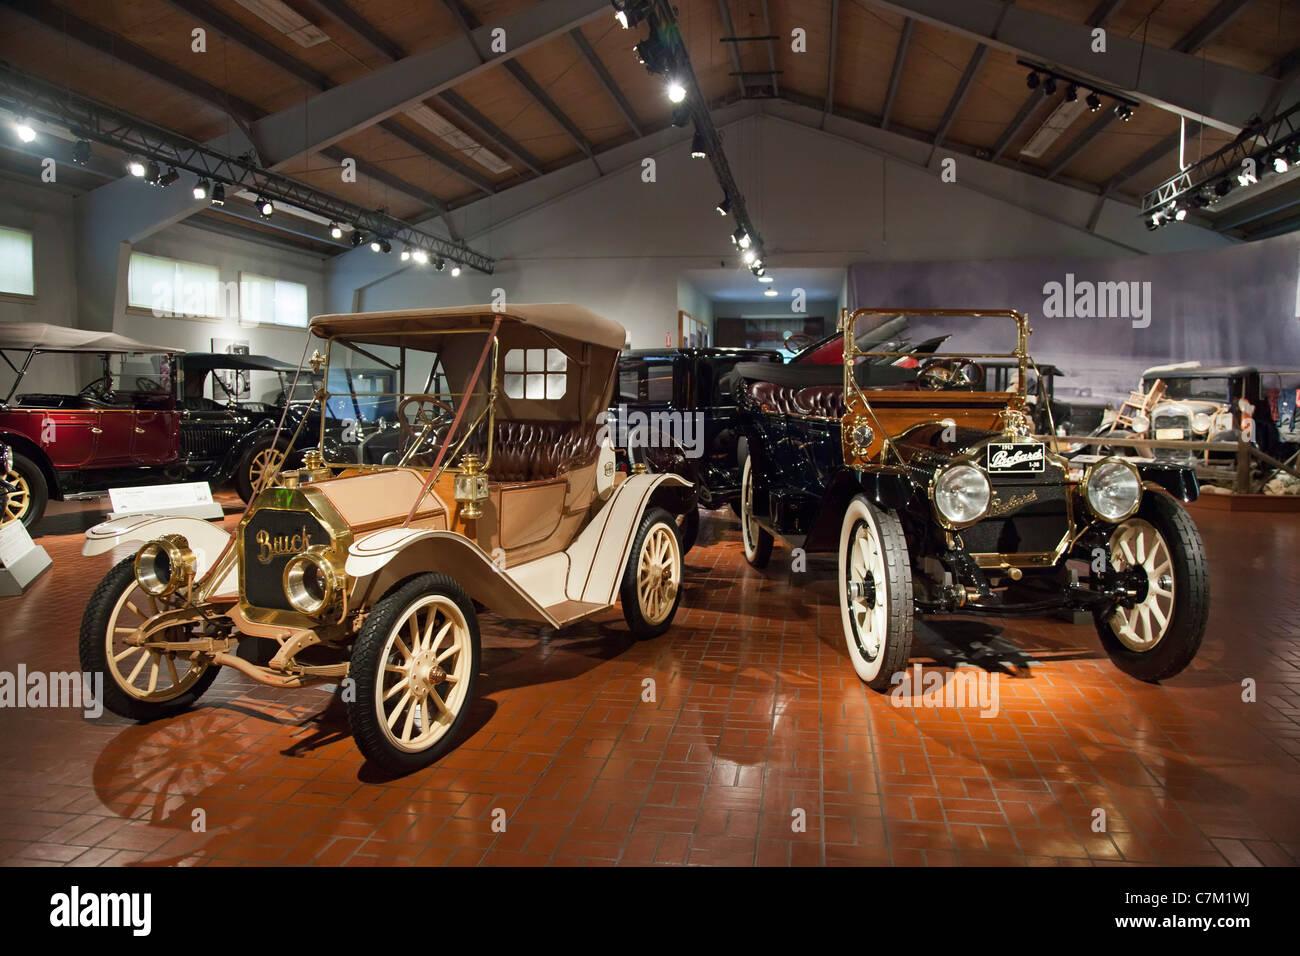 Car Museum Stock Photos & Car Museum Stock Images - Alamy